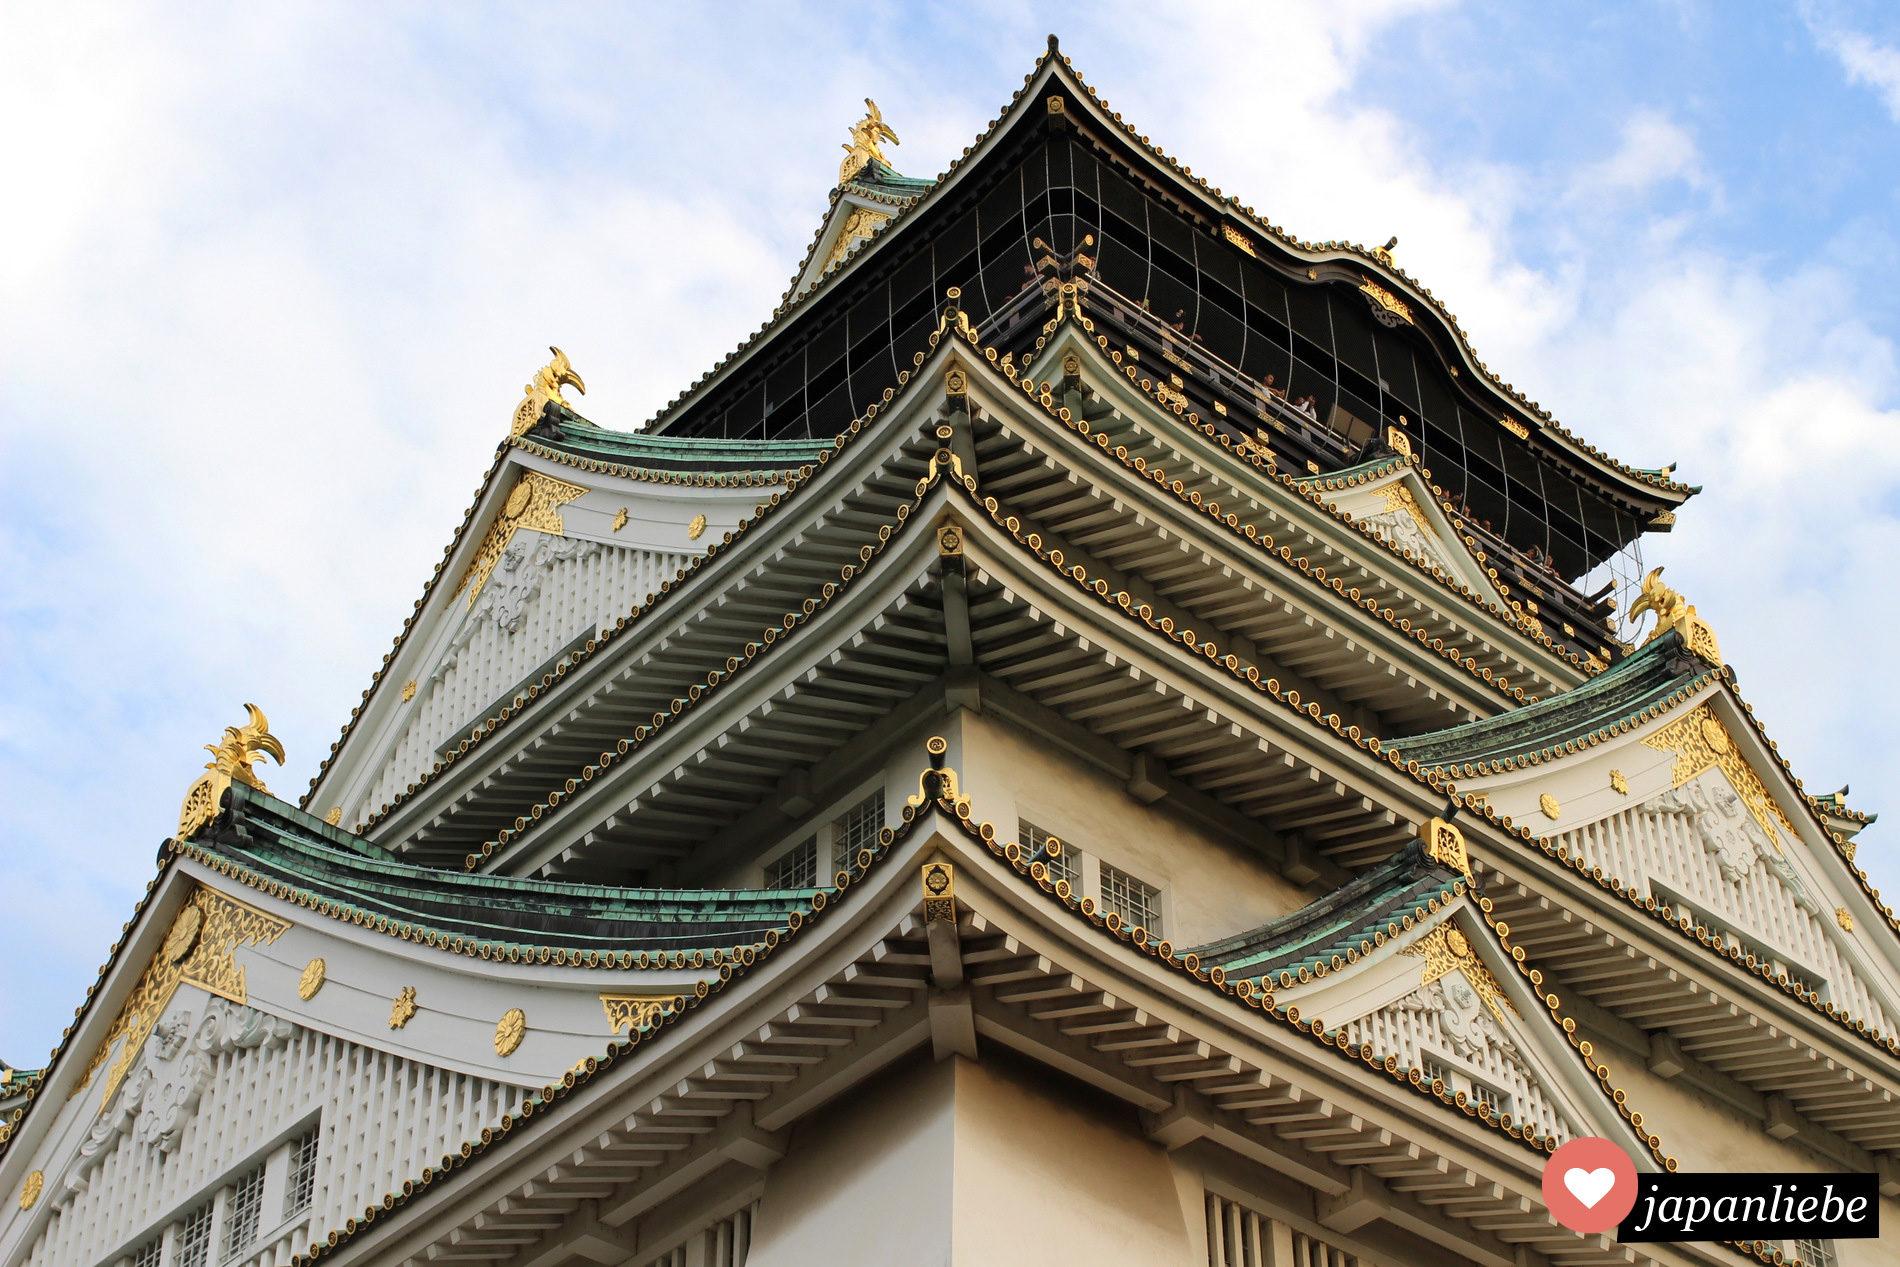 Die Burg von Osaka, Japan